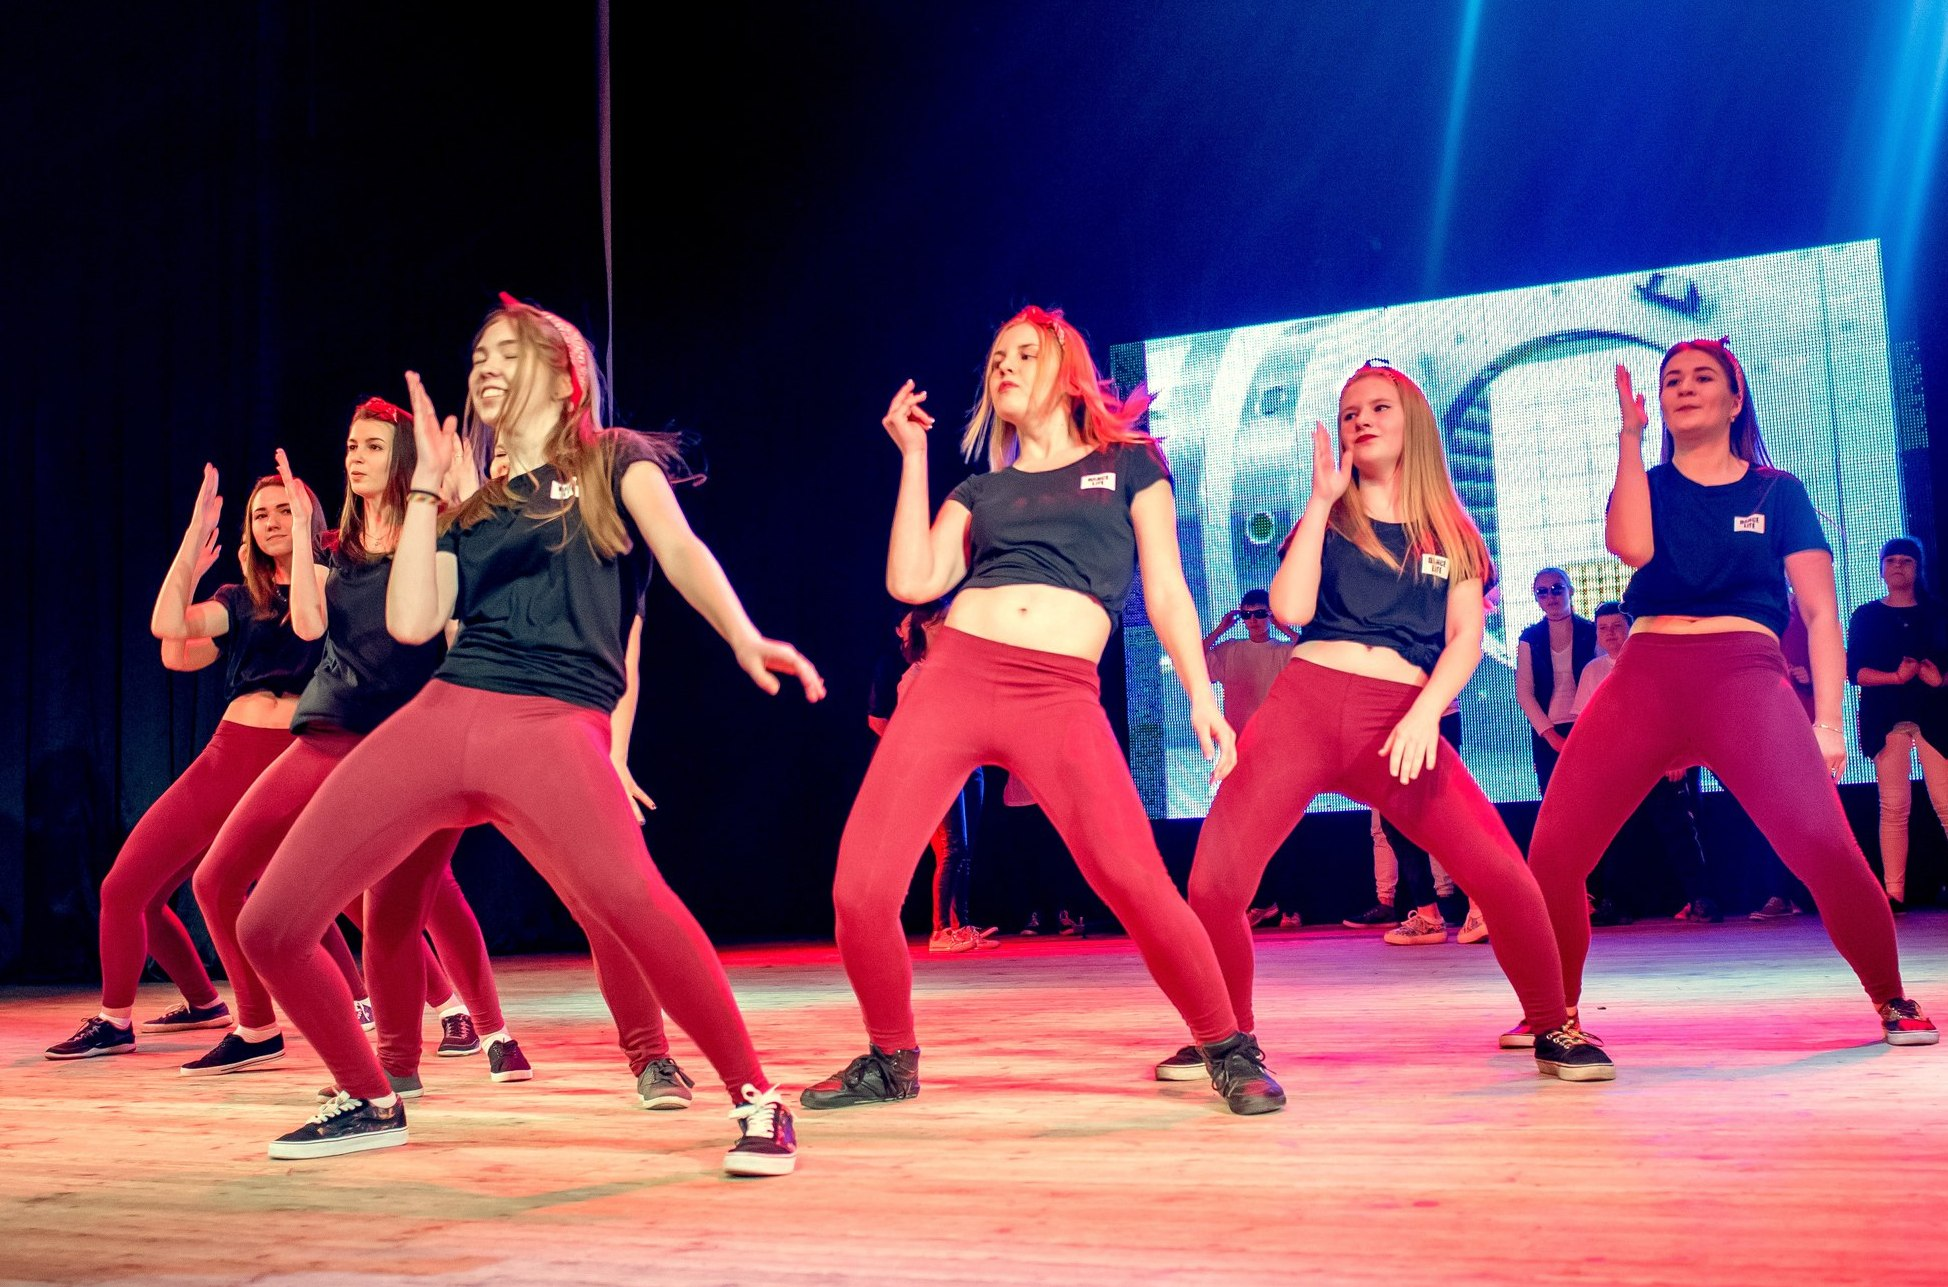 Открыт новый набор на танец Dancehall в Белгороде